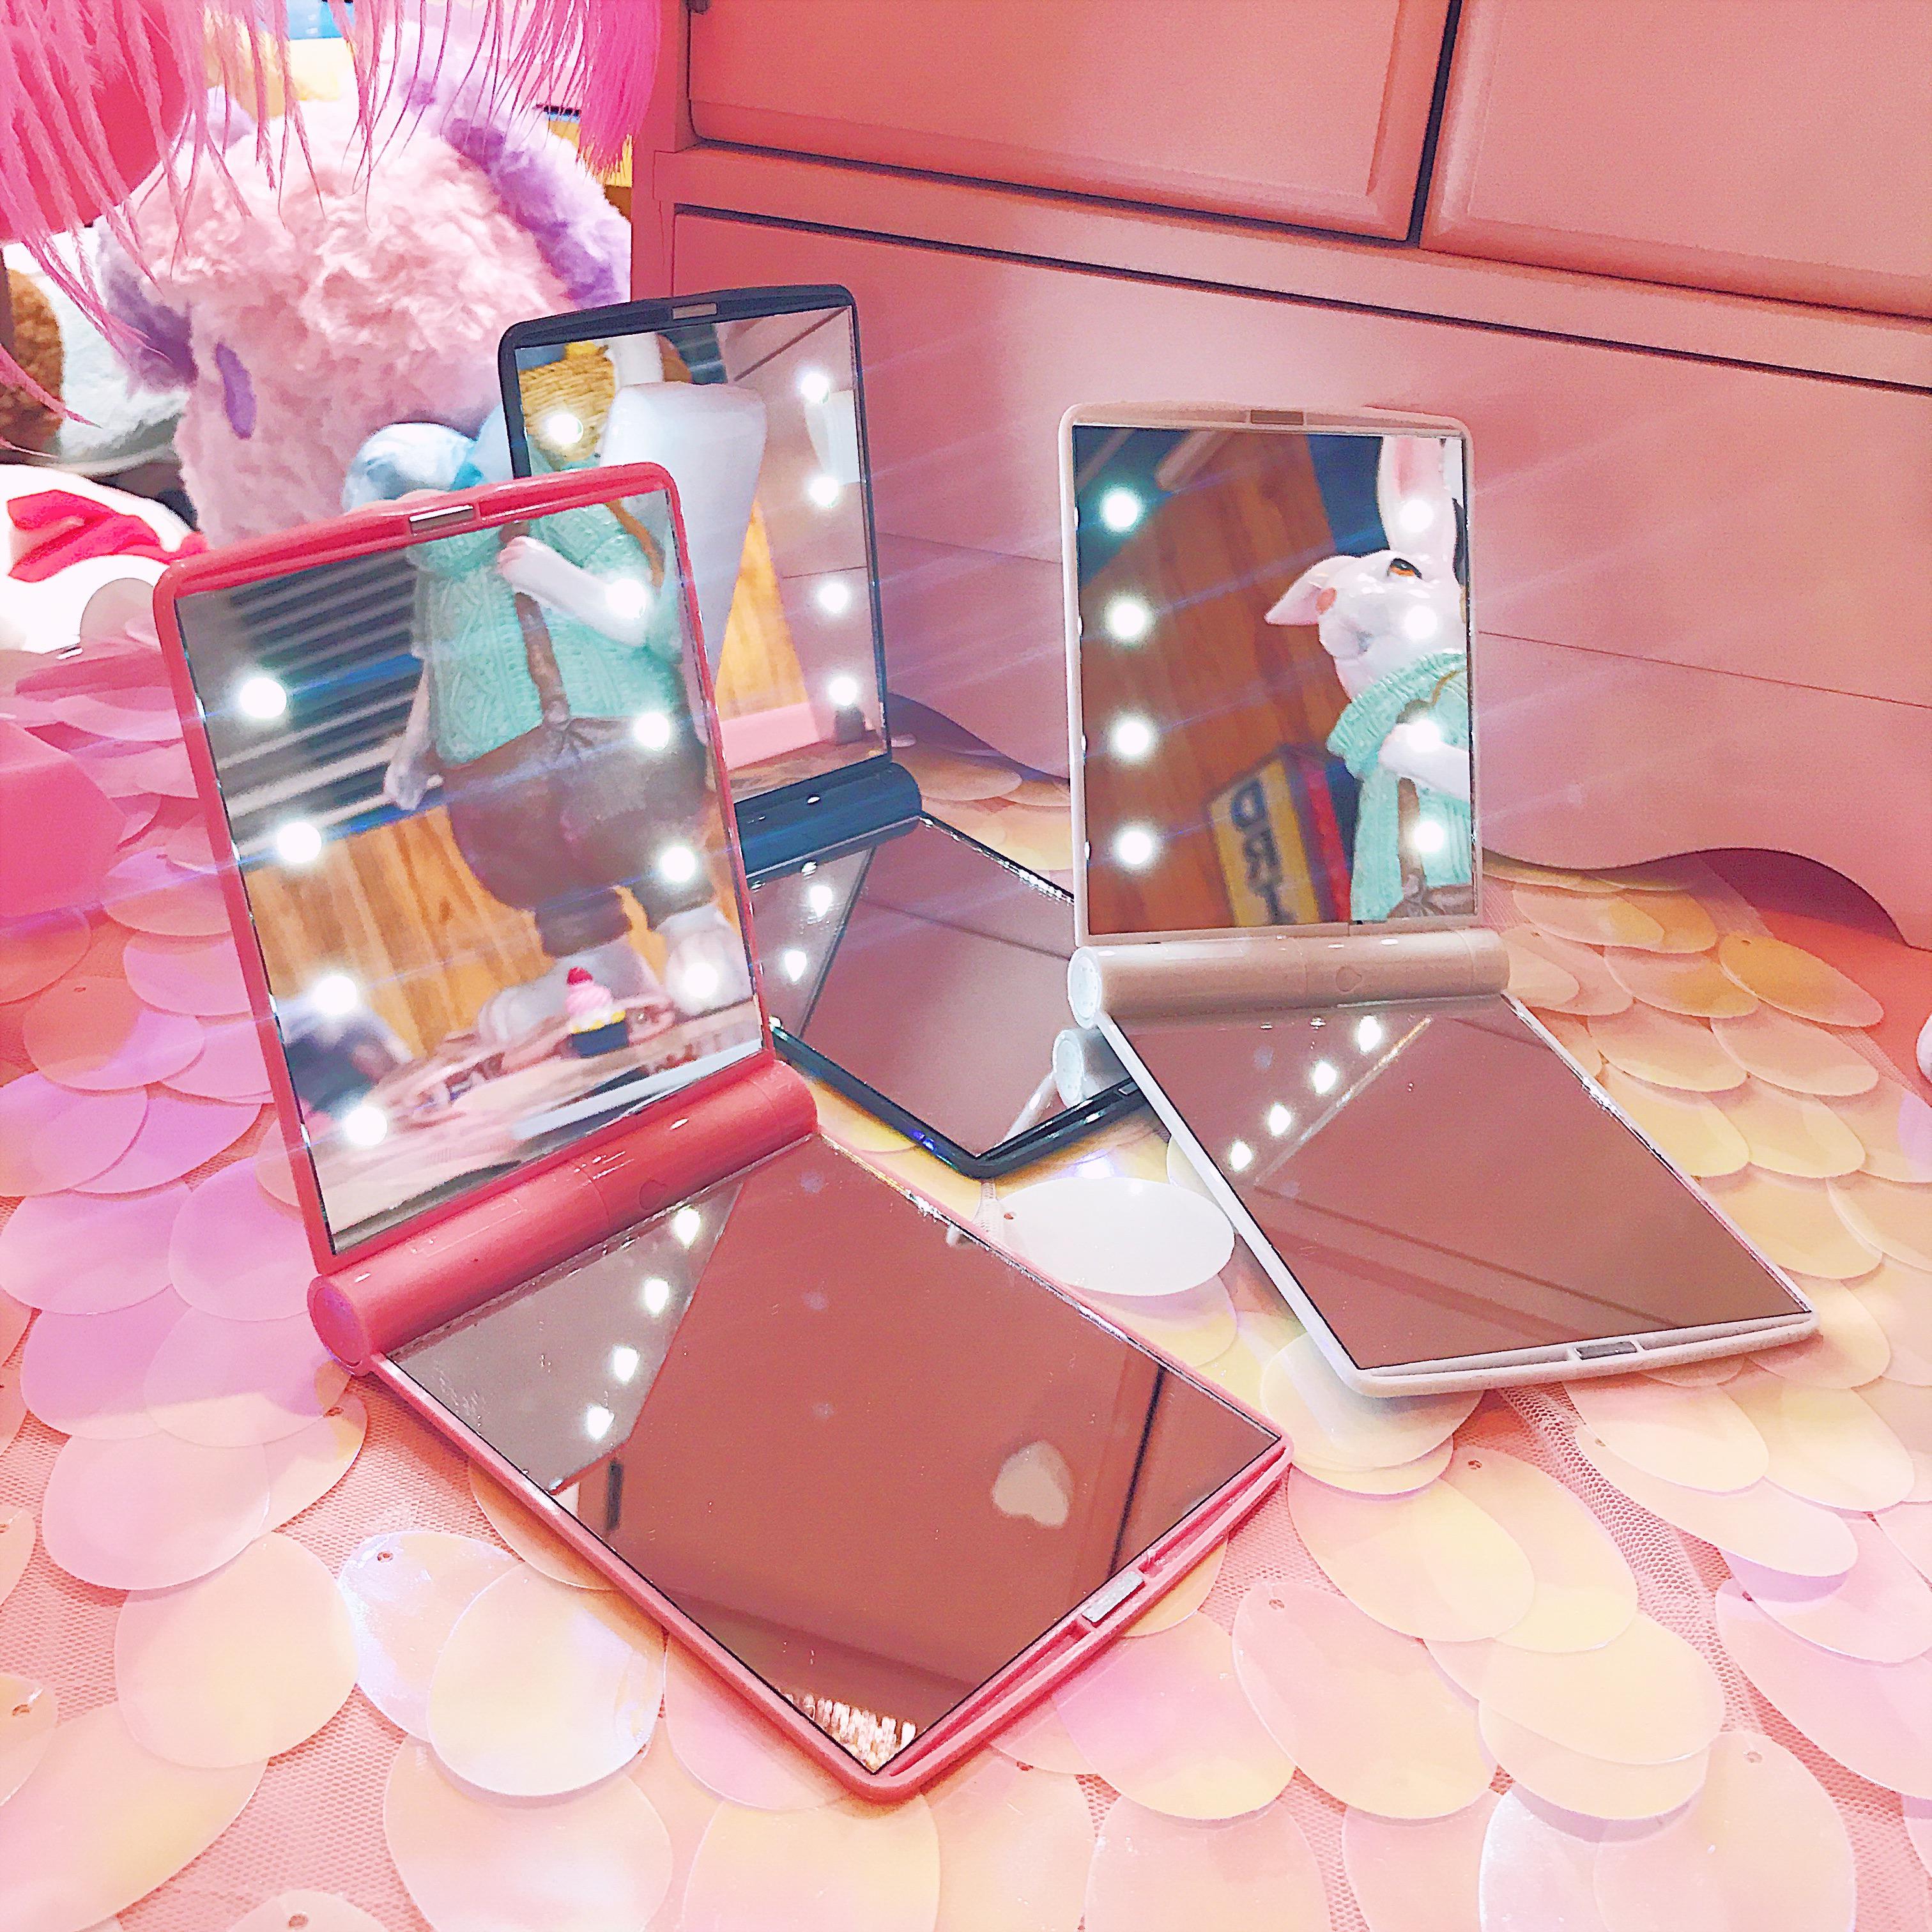 韩版迷你LED带灯化妆镜双面折叠可爱便携随身镜子少女补妆梳妆镜图片